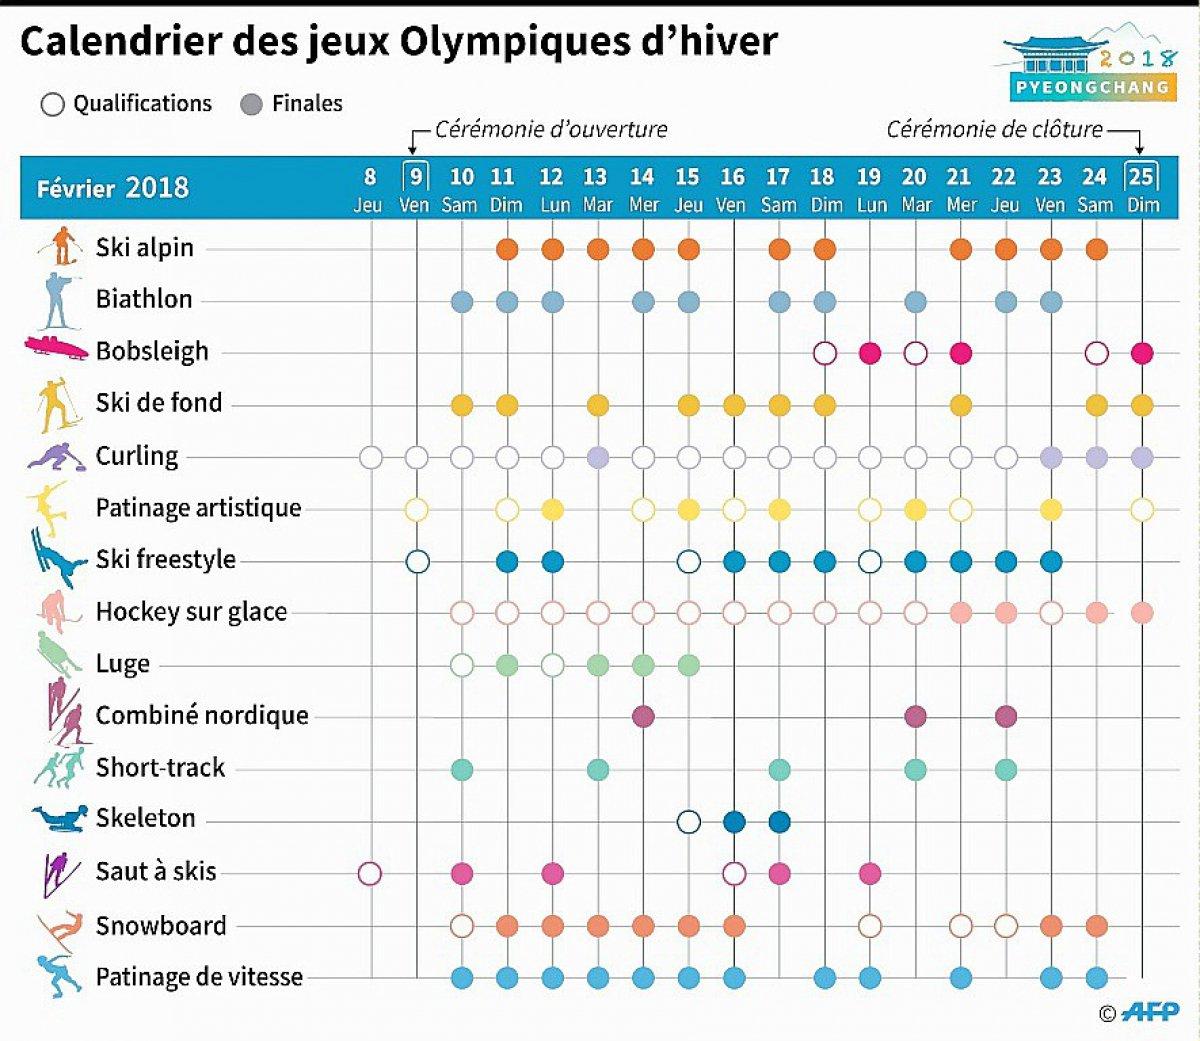 Resultado de imagem para jeux olympiques d'hiver 2018 modalités